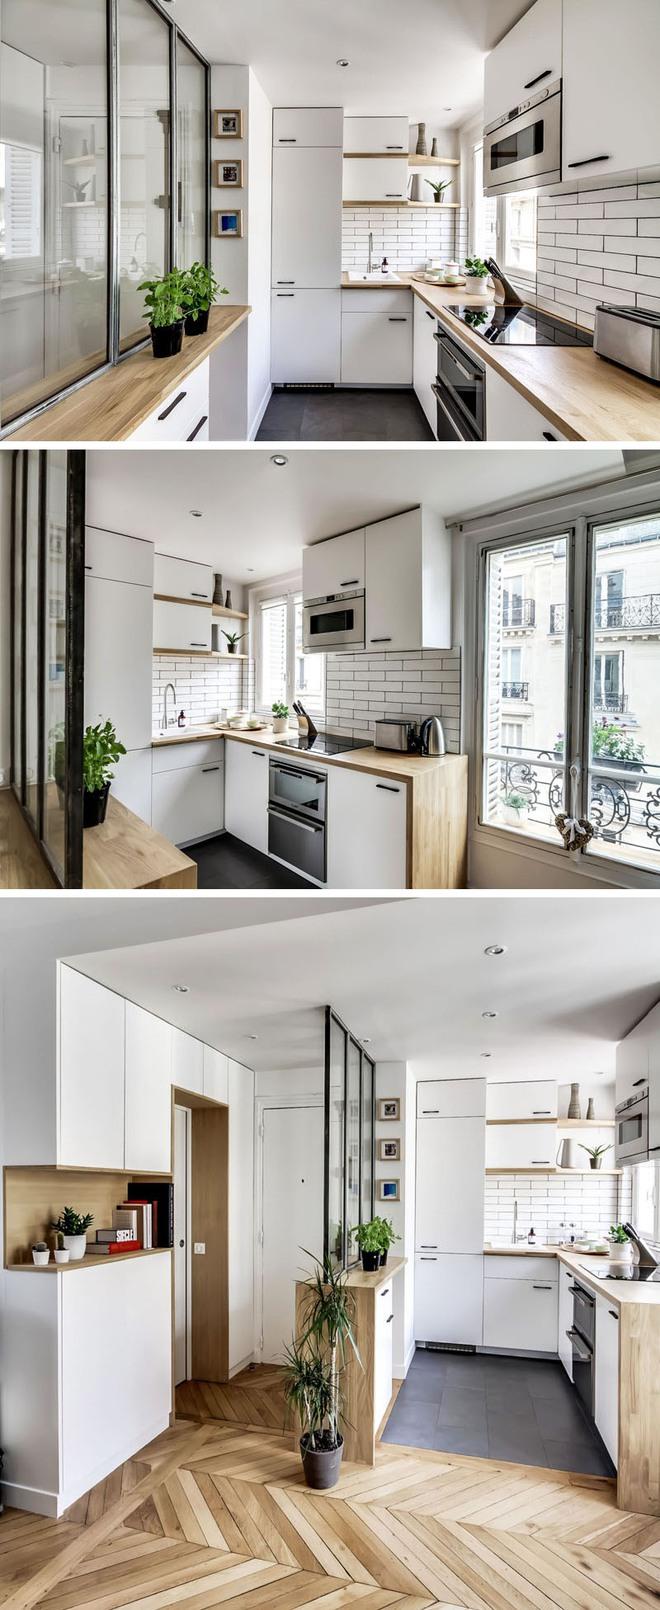 Những căn bếp nhỏ đẹp tới mức bạn sẵn sàng bỏ bếp rộng để được ở trong không gian này - Ảnh 7.